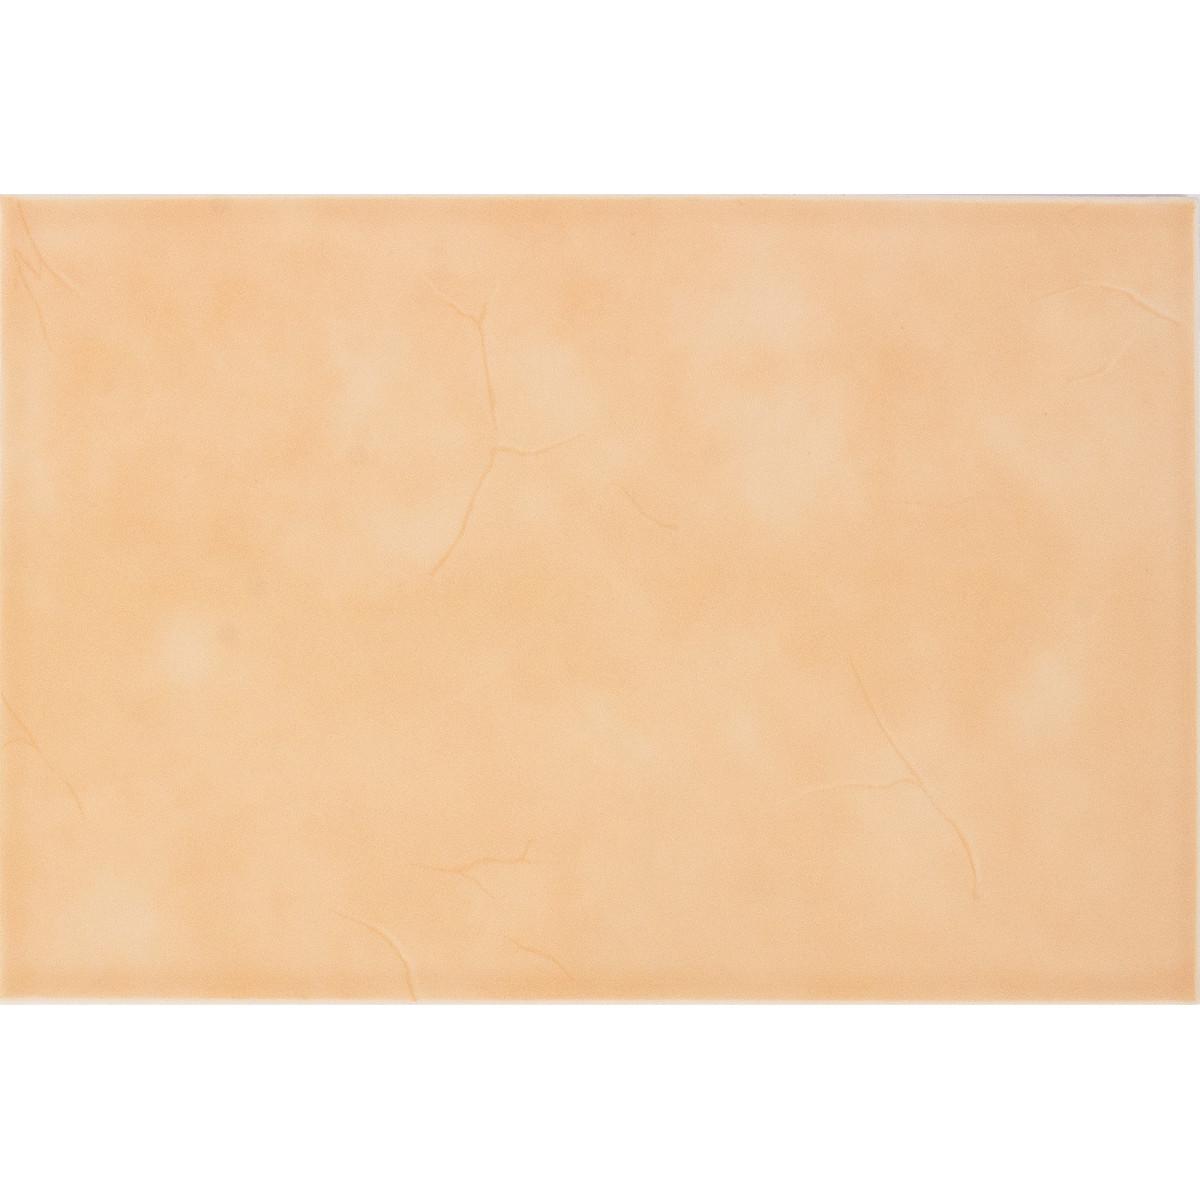 Плитка настенная Валентино 20х30 см 1.2 м2 цвет песочный